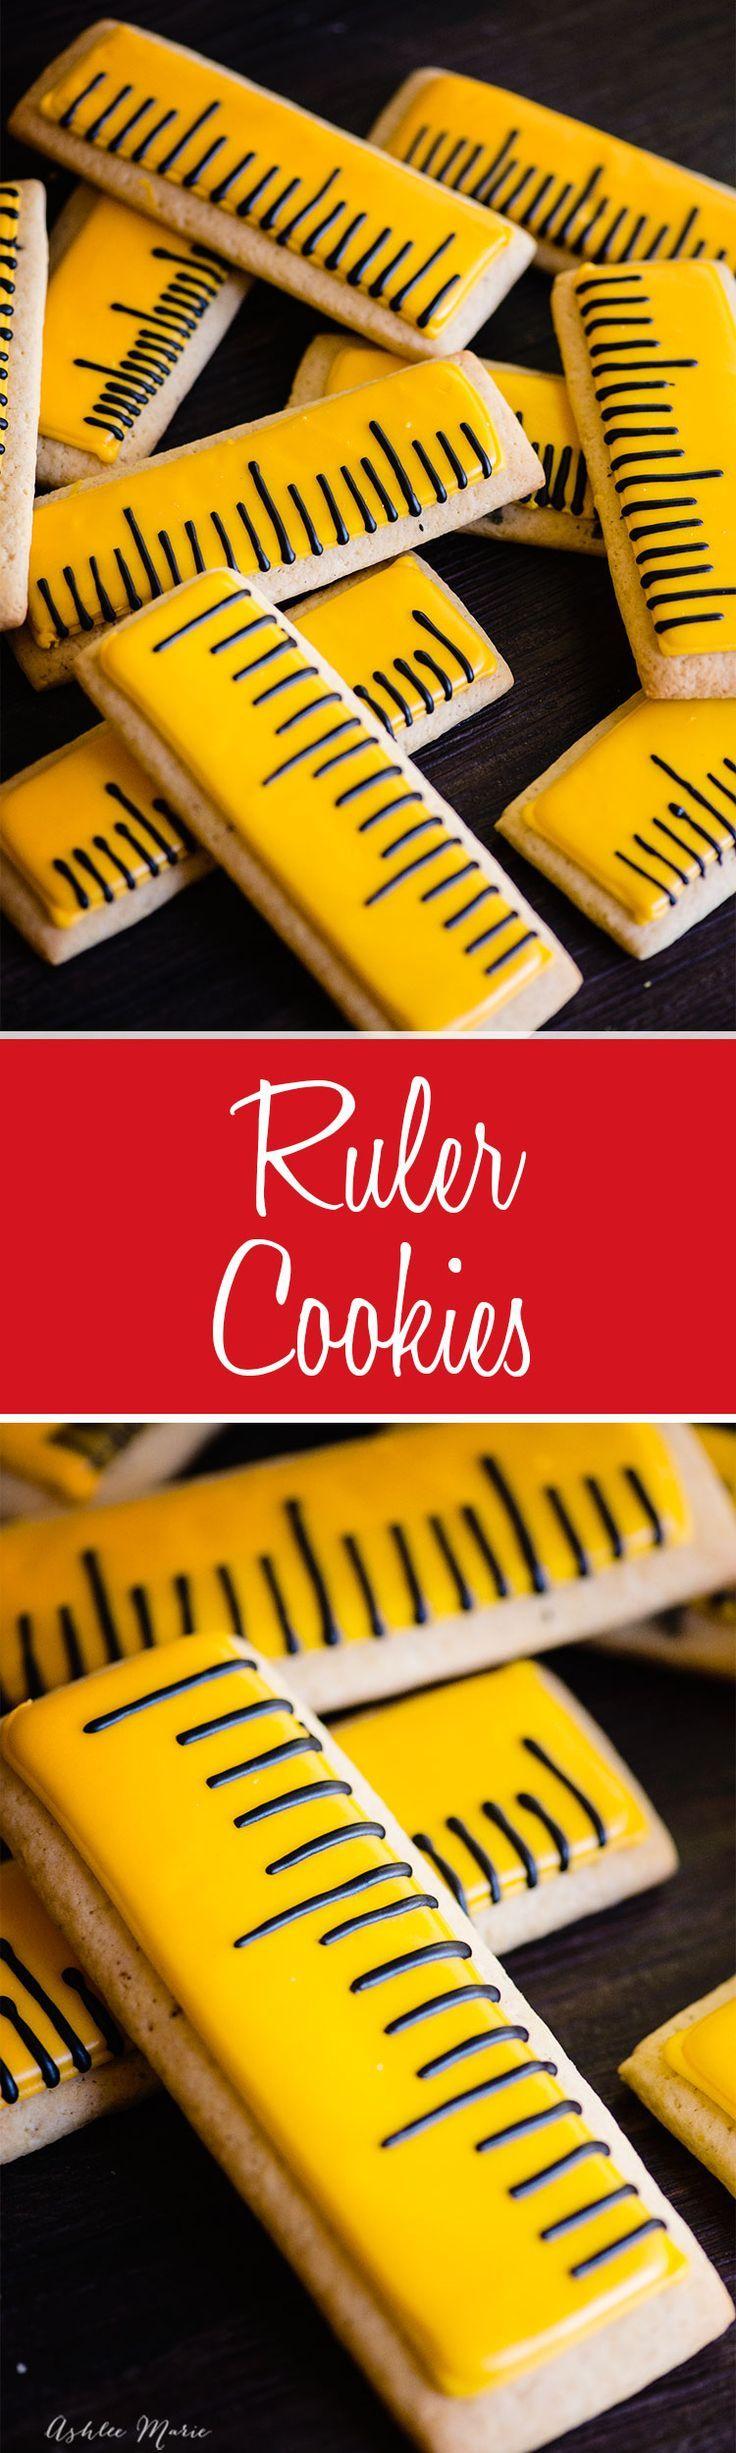 Ruler Sugar Cookies - Back to Schoolhttps://cookiecutter.com/ruler-cookie-cutter.htm